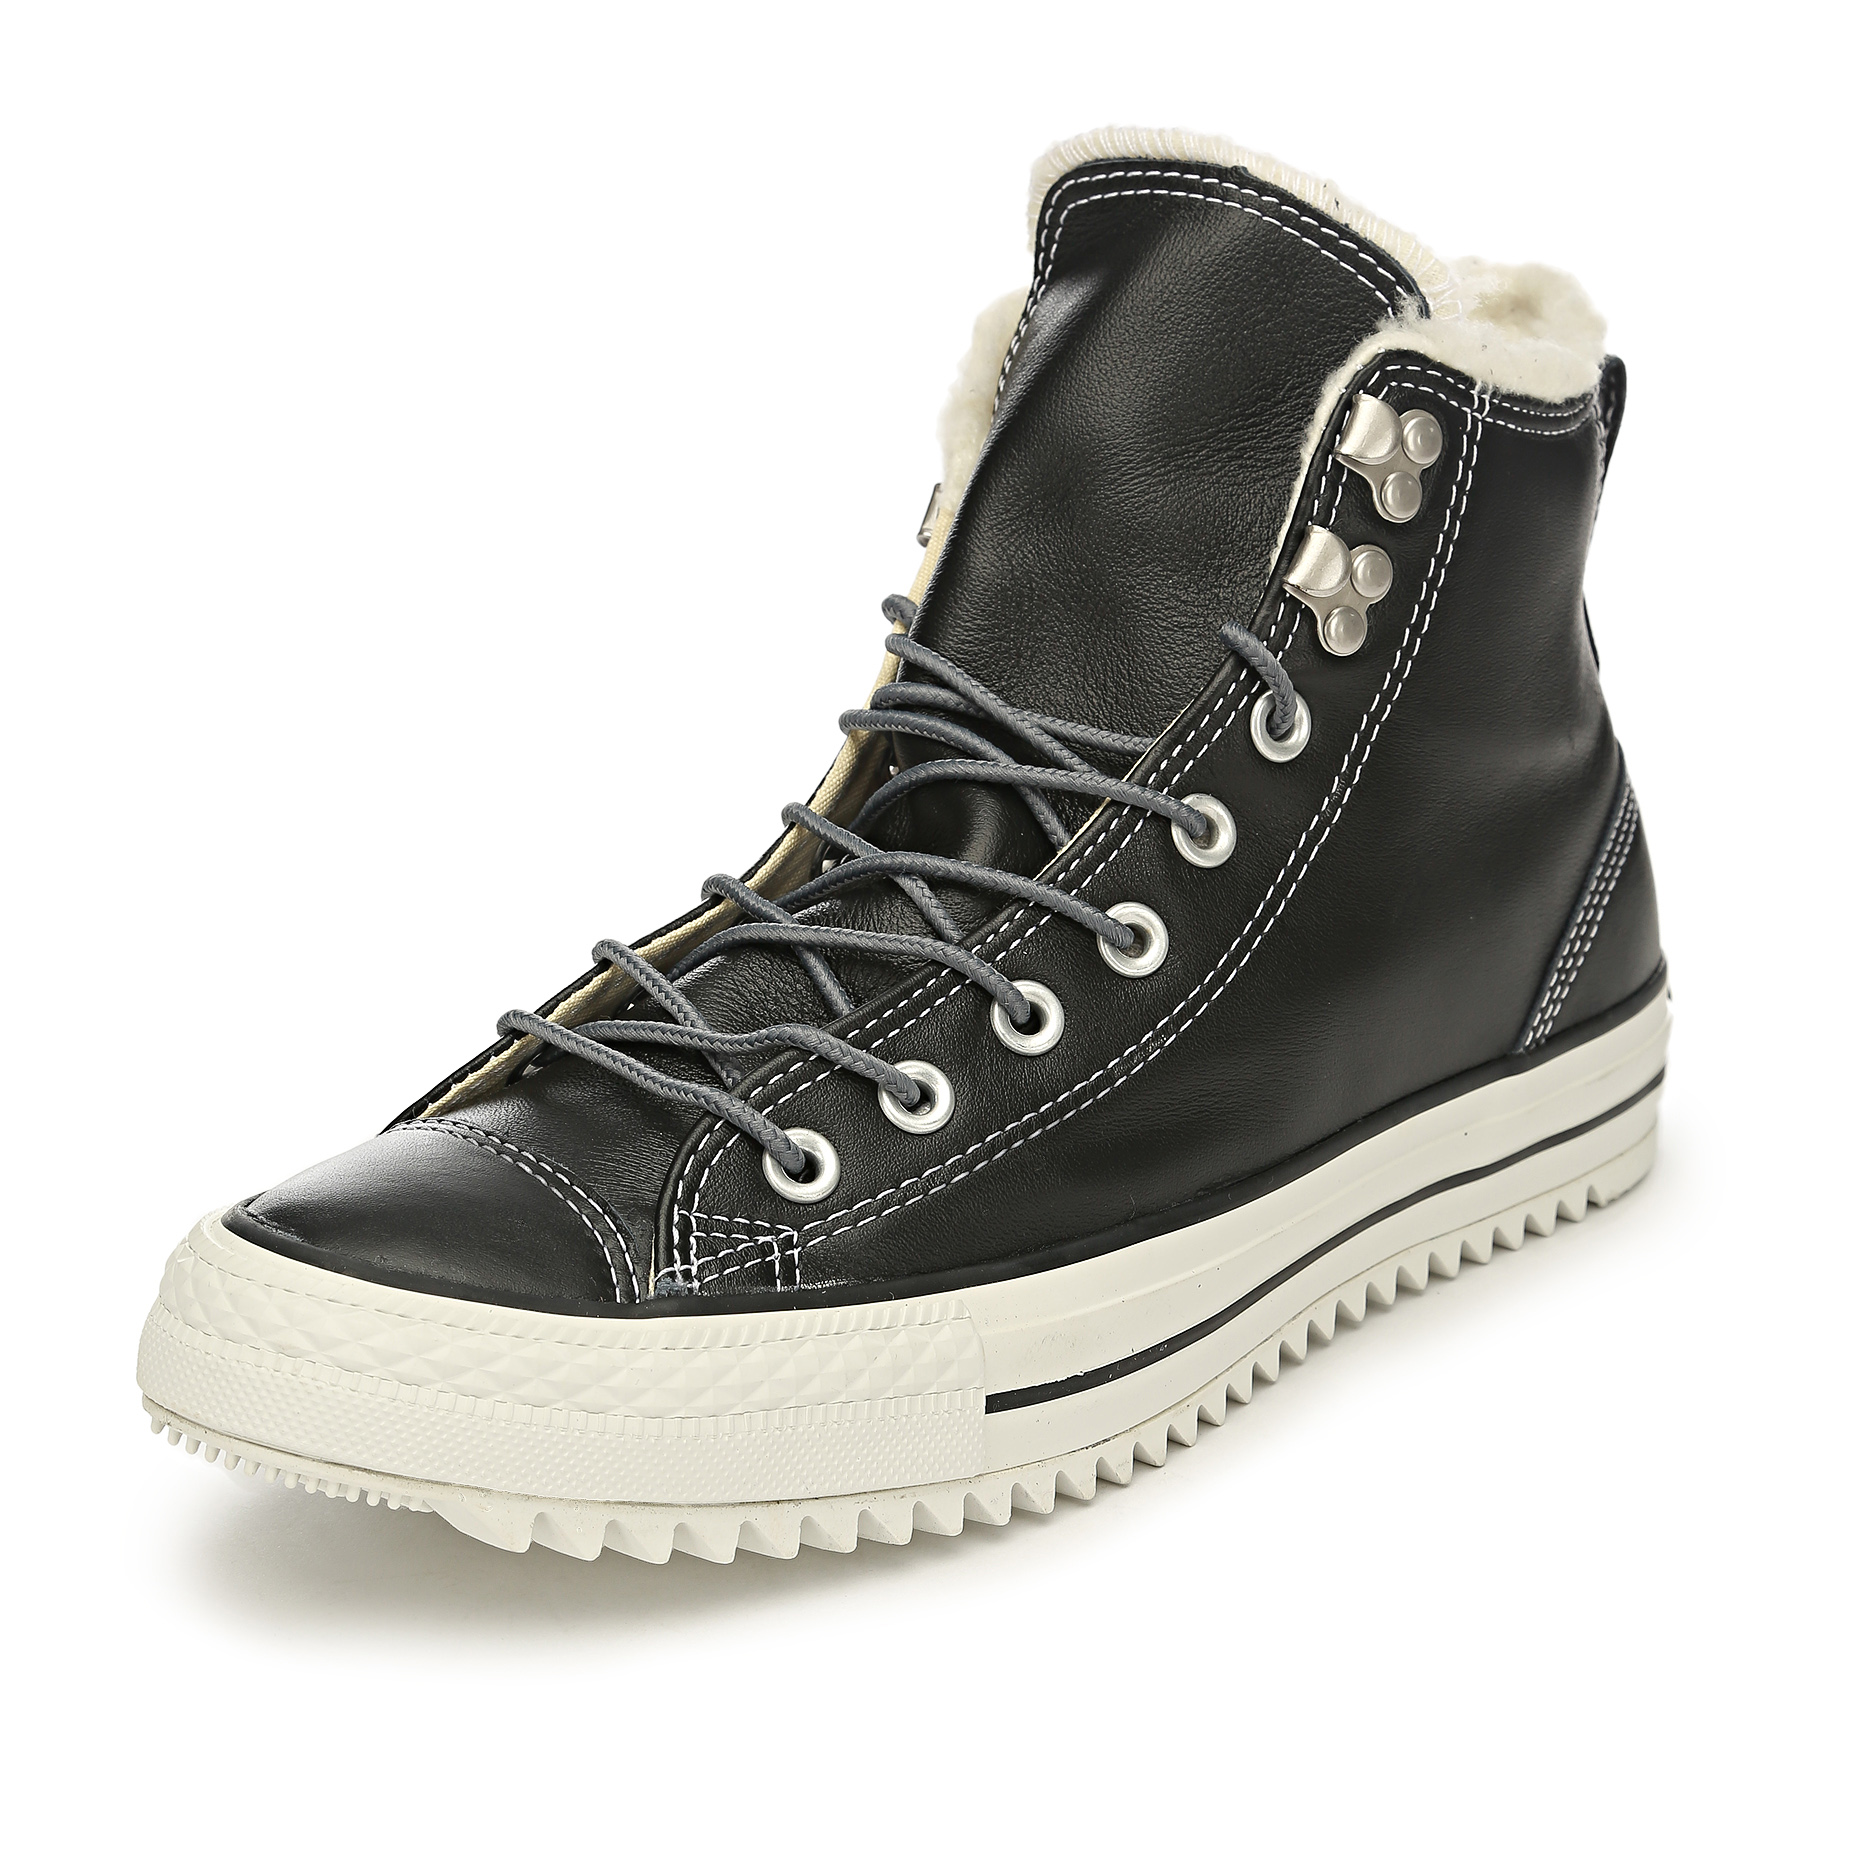 7586e00e Кеды Chuck Taylor от Converse (144733) - продажа, цена, фото, описание